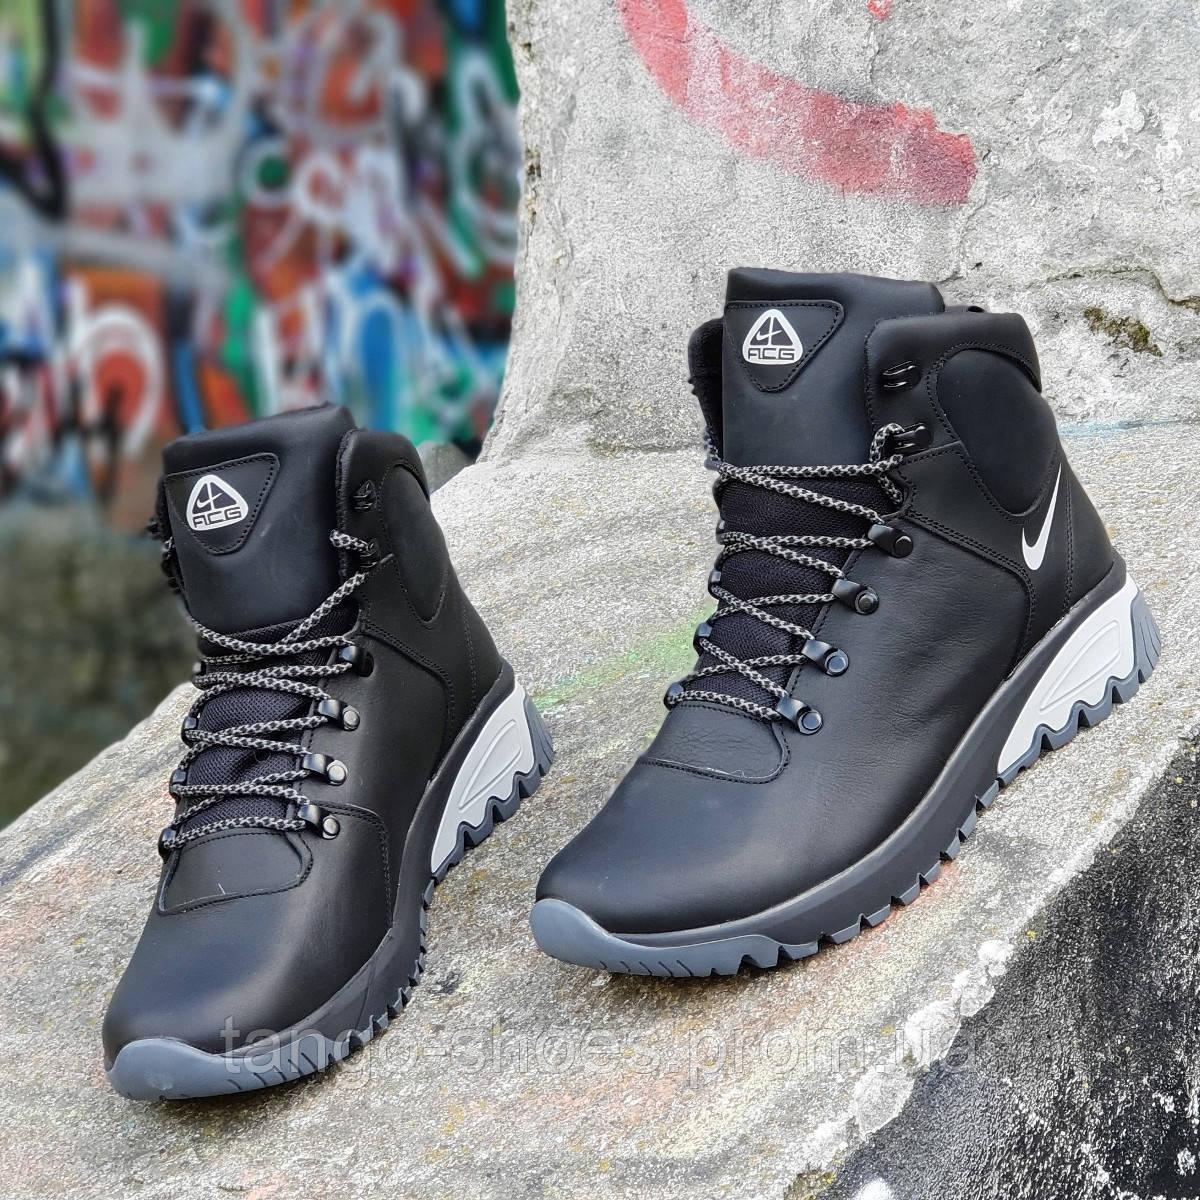 662dd02df09f Высокие зимние черные мужские кроссовки Nike кожаные на толстой подошве  натуральный мех (Код  Т1265a